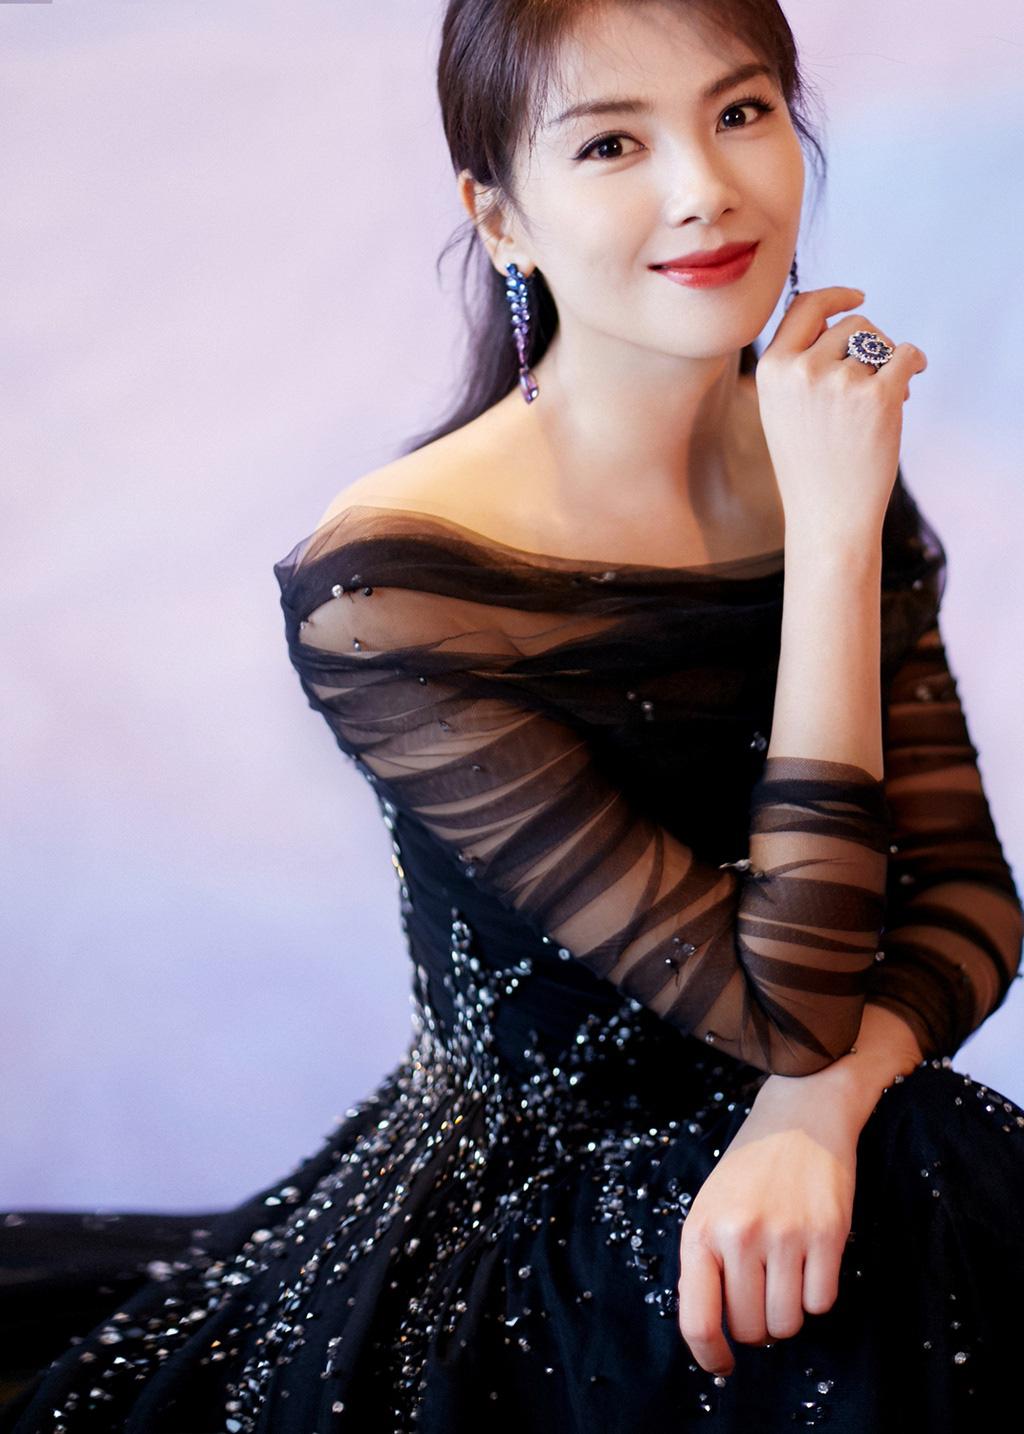 """5 mỹ nhân Trung Quốc đời thường: Triệu Lệ Dĩnh quyến rũ hút mắt, """"Nữ thần Kim Ưng"""" vẫn bị chê điều này - Ảnh 13."""